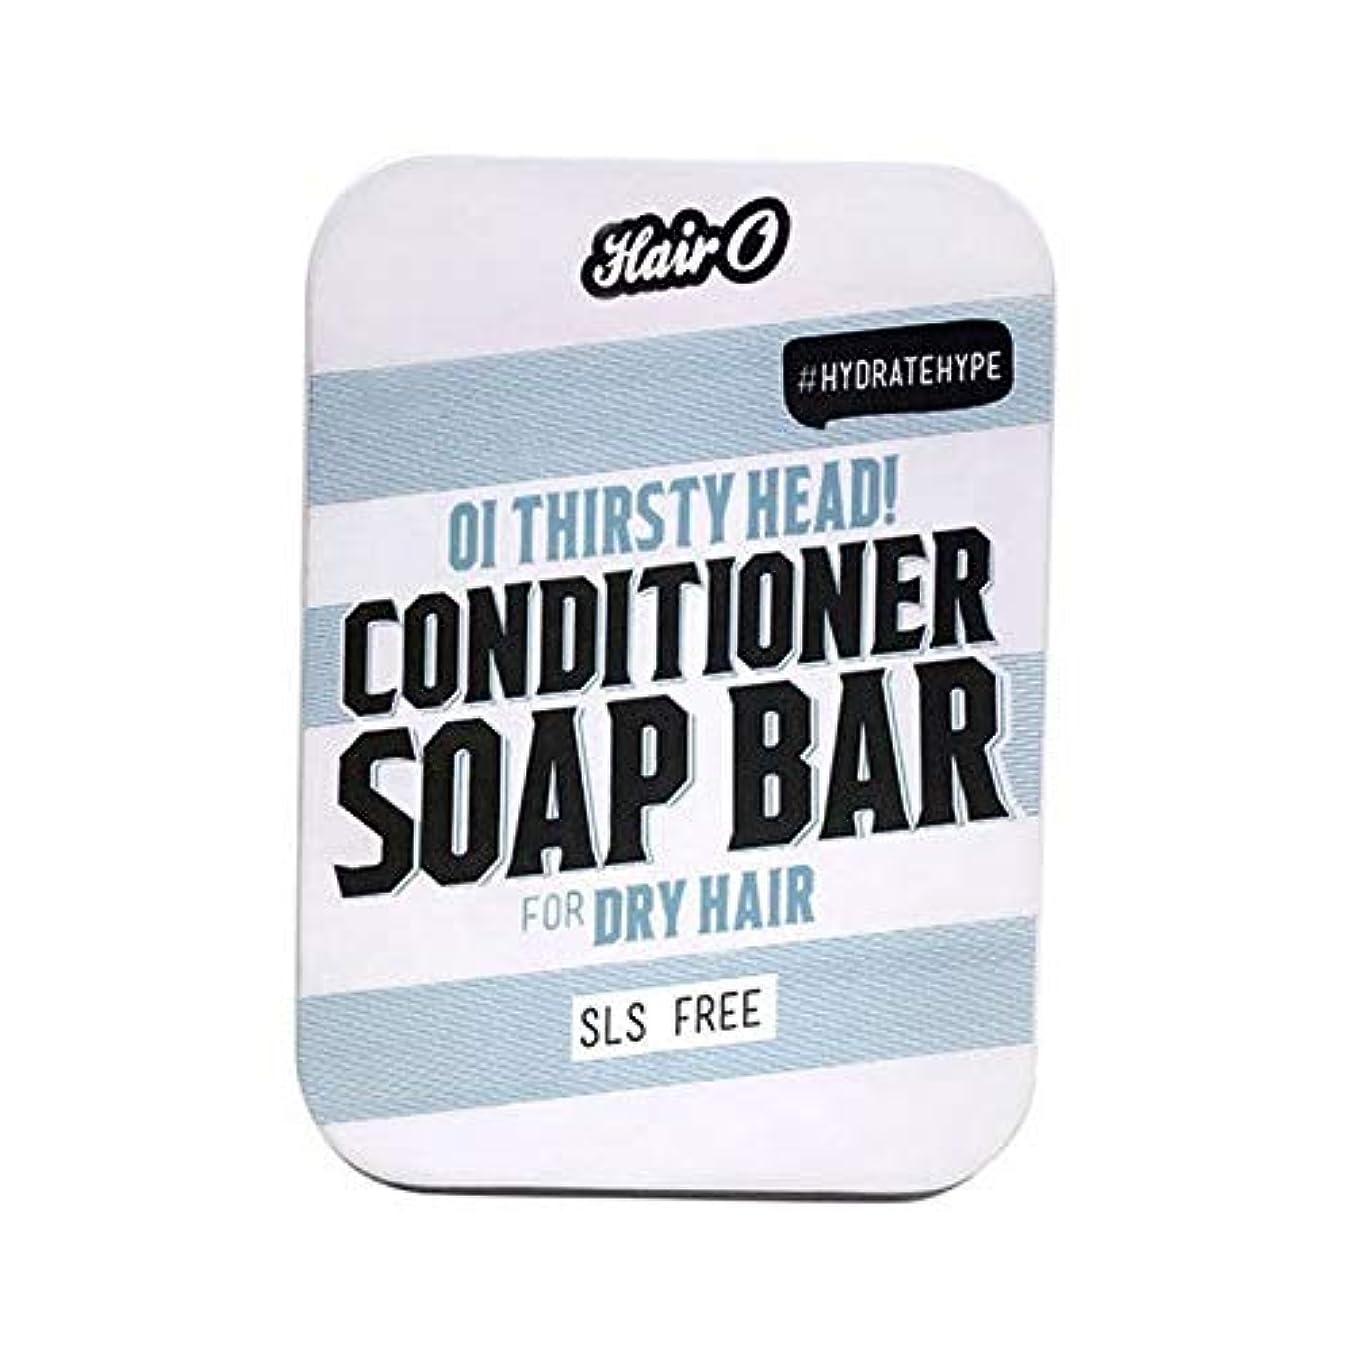 フルーティー納得させるコメント[Hair O ] 大井のどが渇いヘッドコンディショナーソープバー100グラムO毛 - Hair O Oi Thirsty Head Conditioner Soap Bar 100g [並行輸入品]